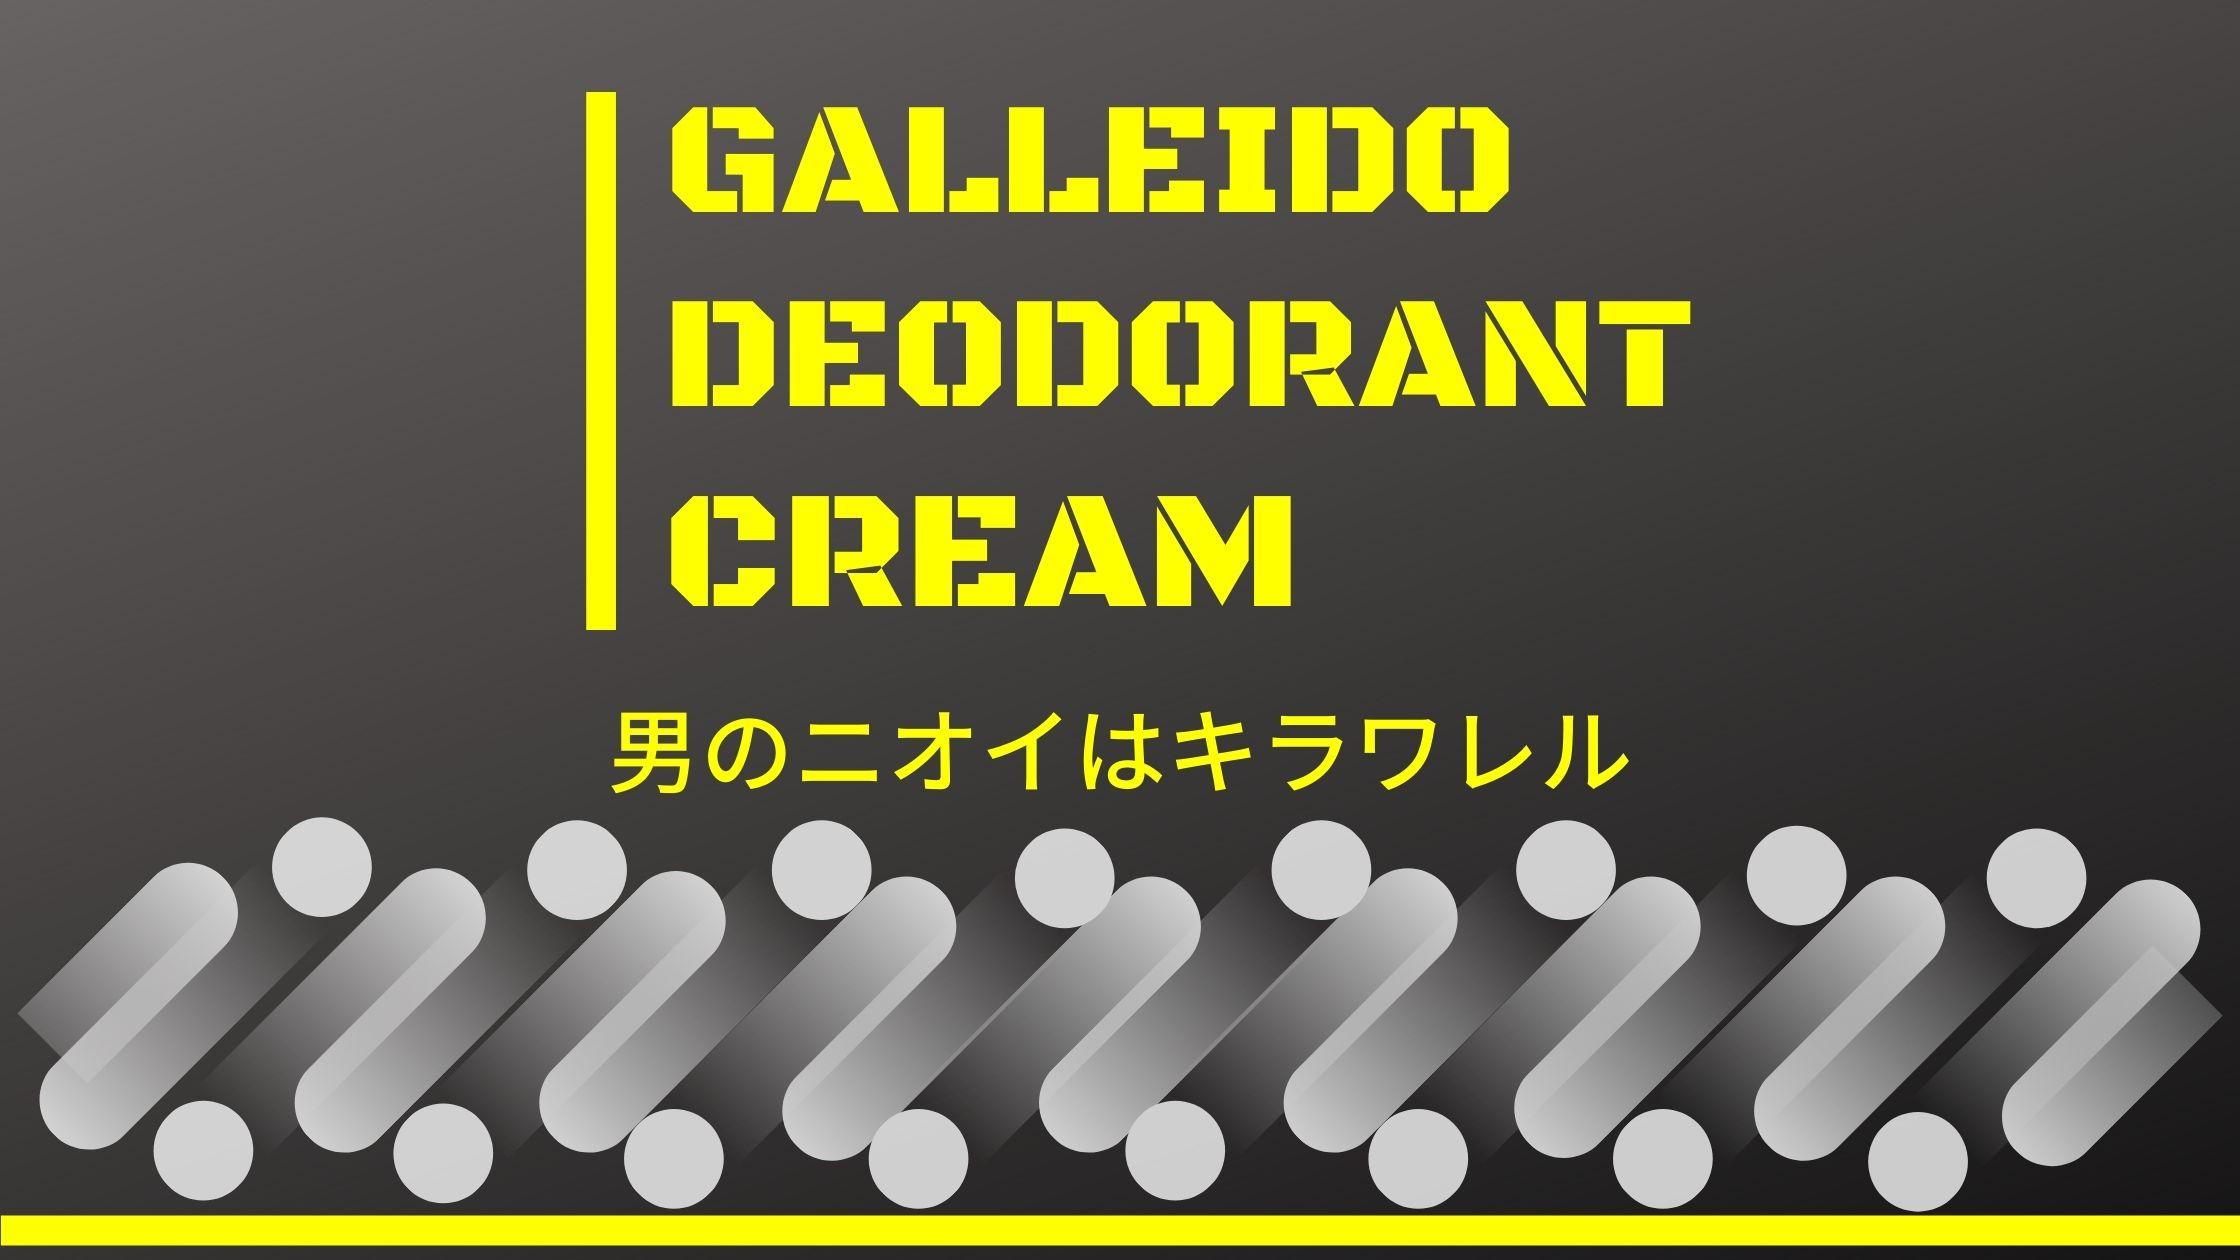 クリームのサブスク「GALLEIDO DEODORANT CREAM」